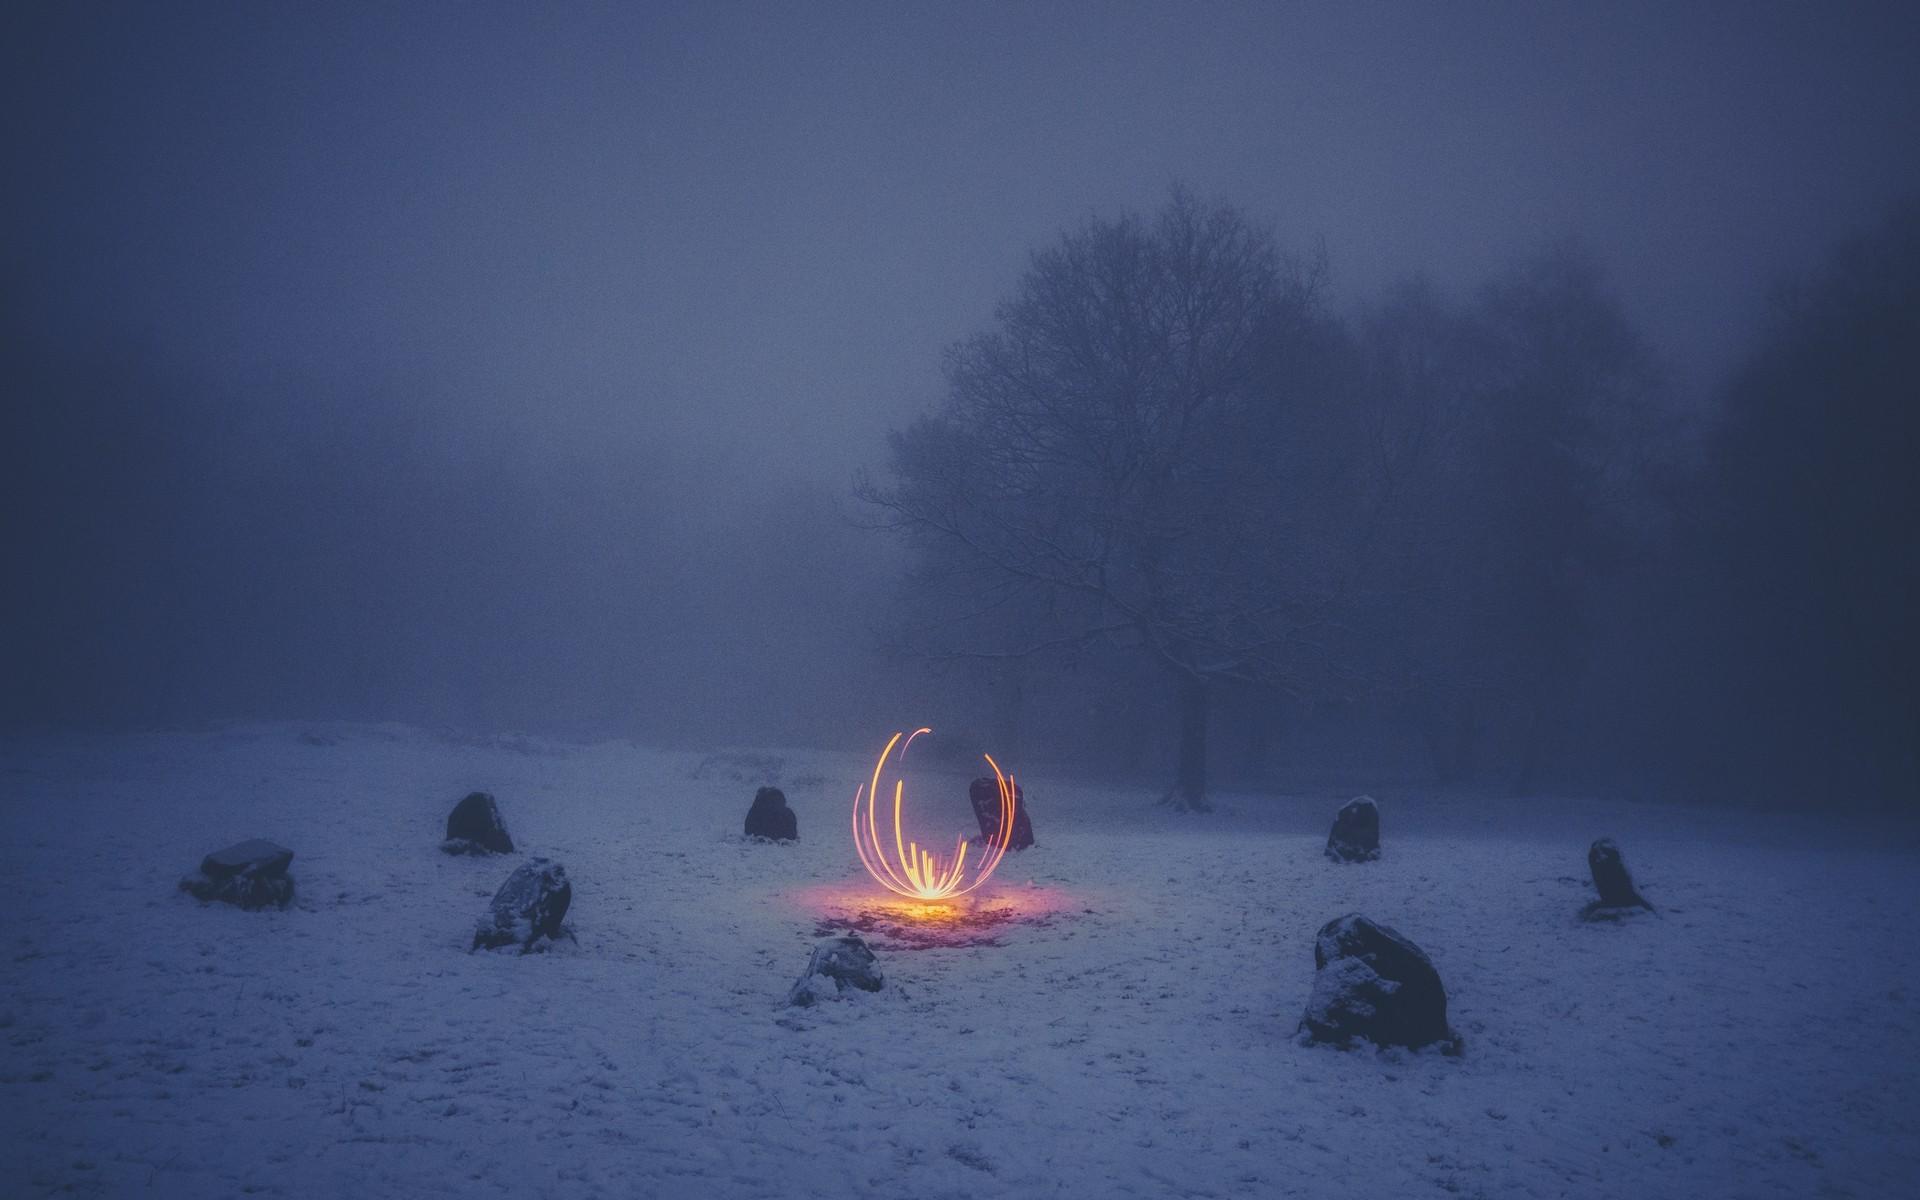 Огни в тумане картинки